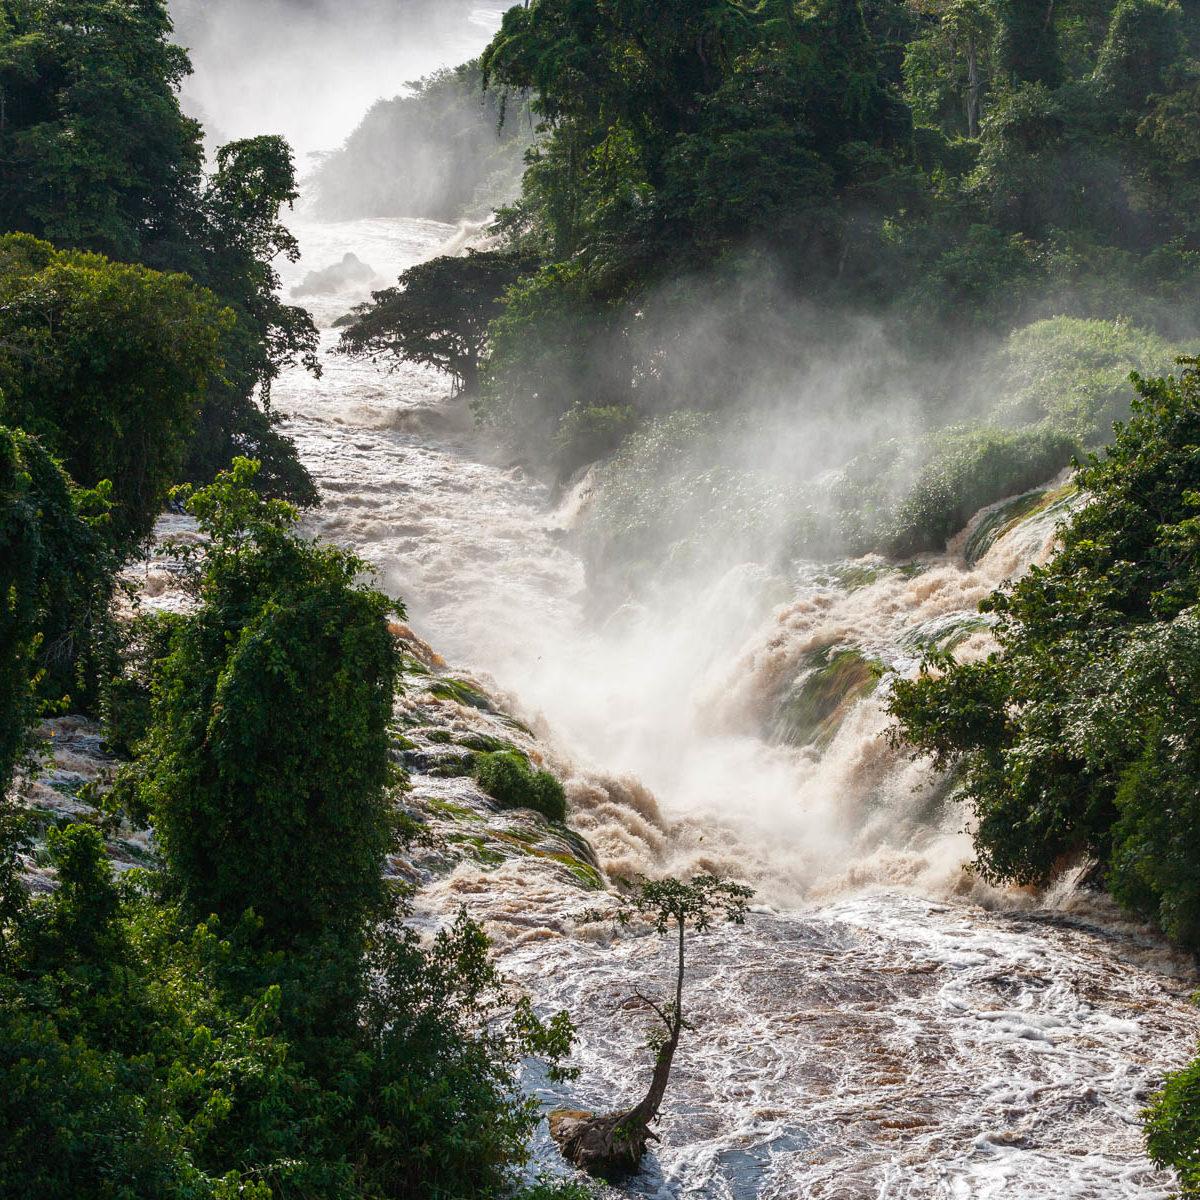 Parc national de l'Ivindo, province de l'Ogooué-Ivindo, Gabon. (0°52' N - 13°10' E)